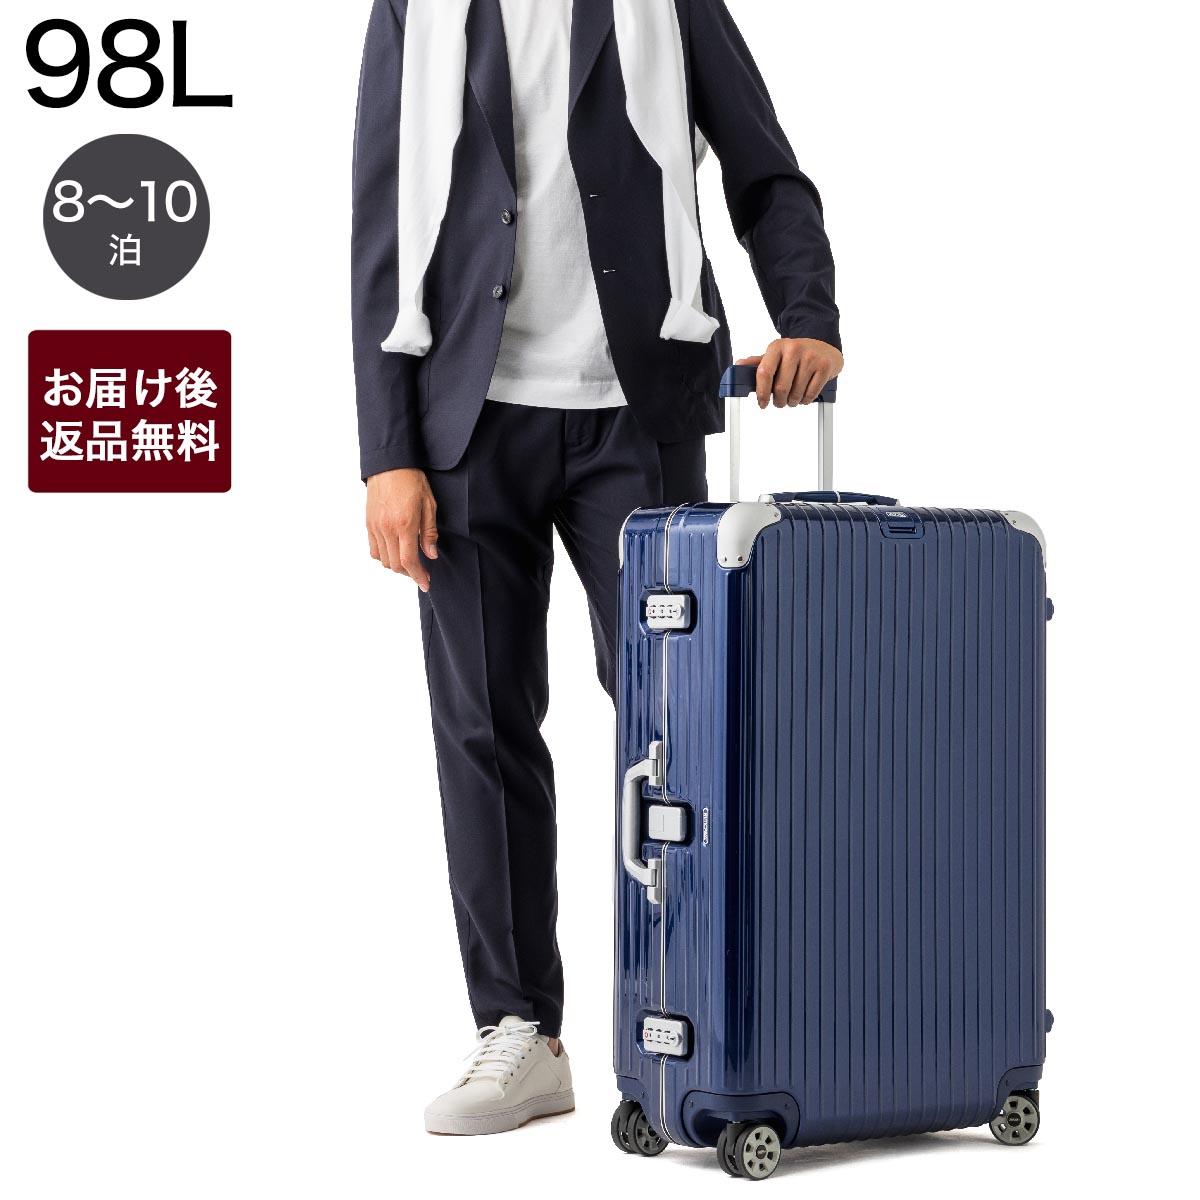 リモワ RIMOWA スーツケース ブルー メンズ レディース 881.77.21.4.0.1 LIMBO CABIN 77 MULTIWHEEL 98L リンボ キャビン【_関東】【返品送料無料】